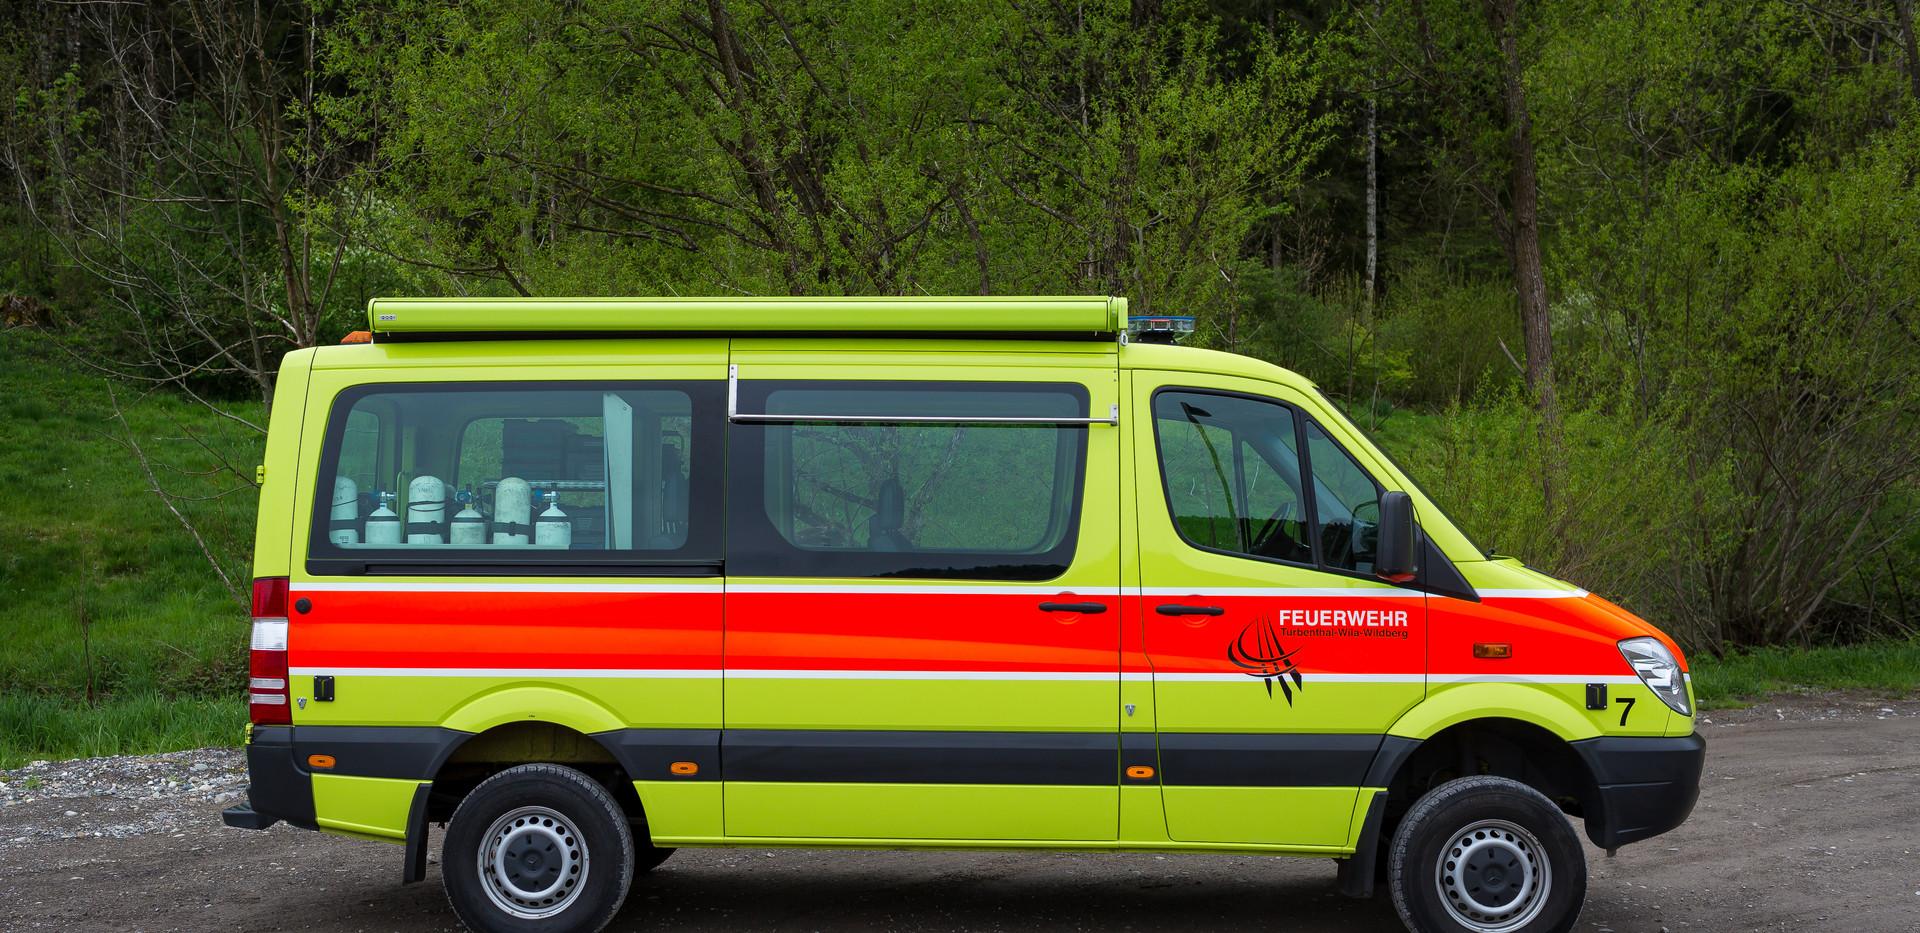 Personentransportfahrzeug (PTF)